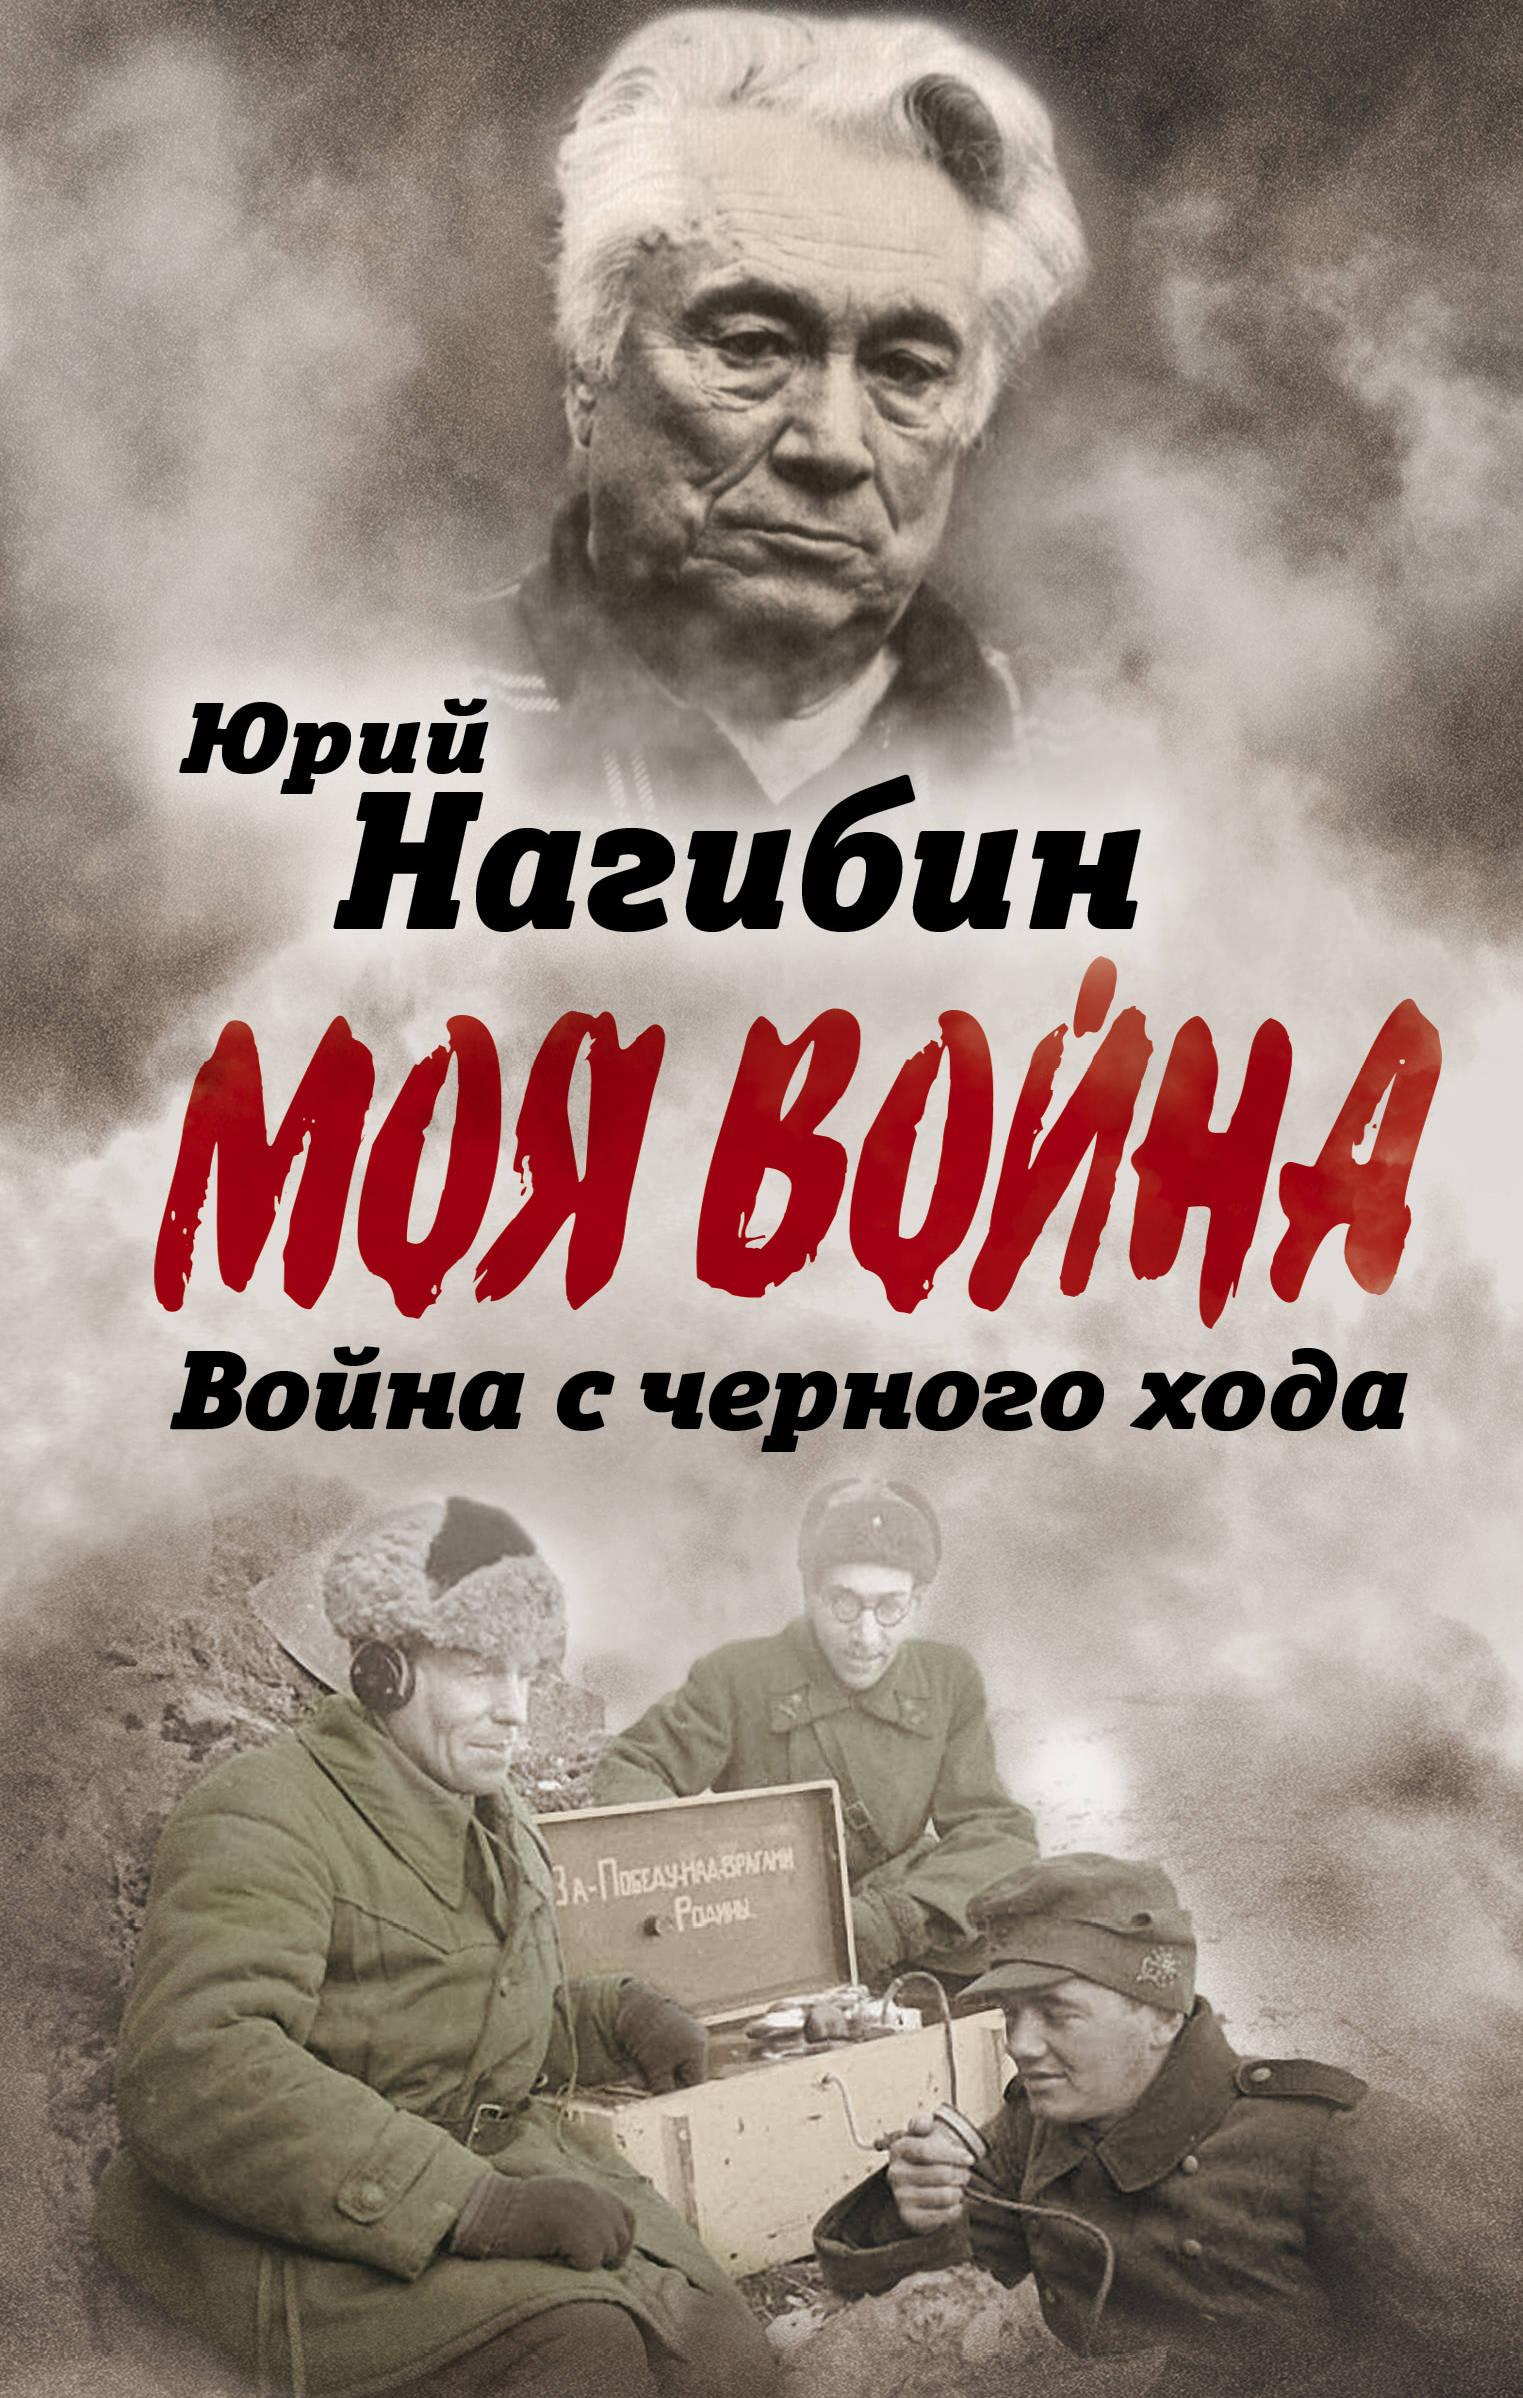 Юрий Нагибин Война с черного хода григорий нагибин ваш бизнес ход се2 на